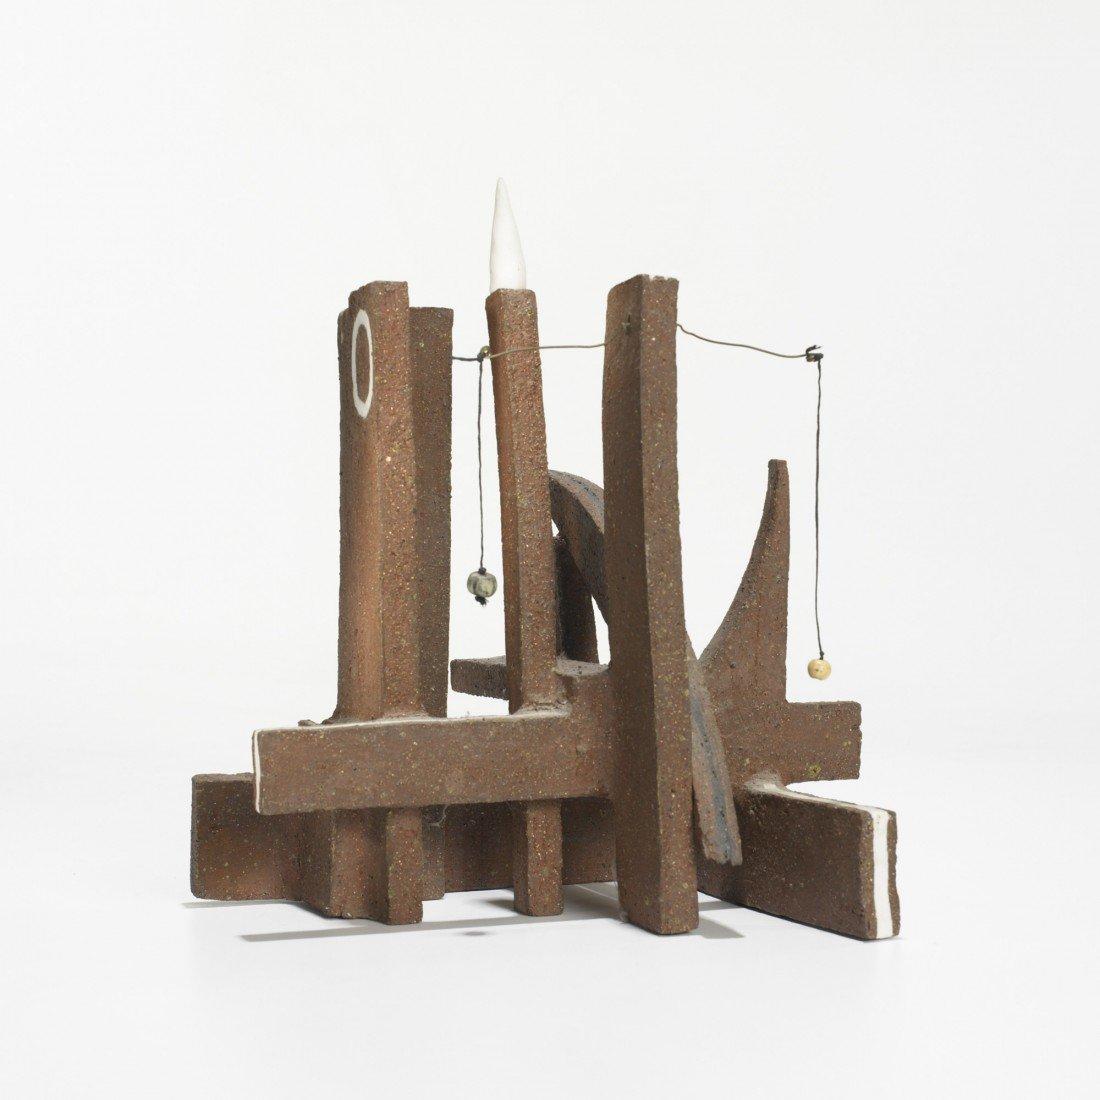 225: Bruno Gambone sculpture